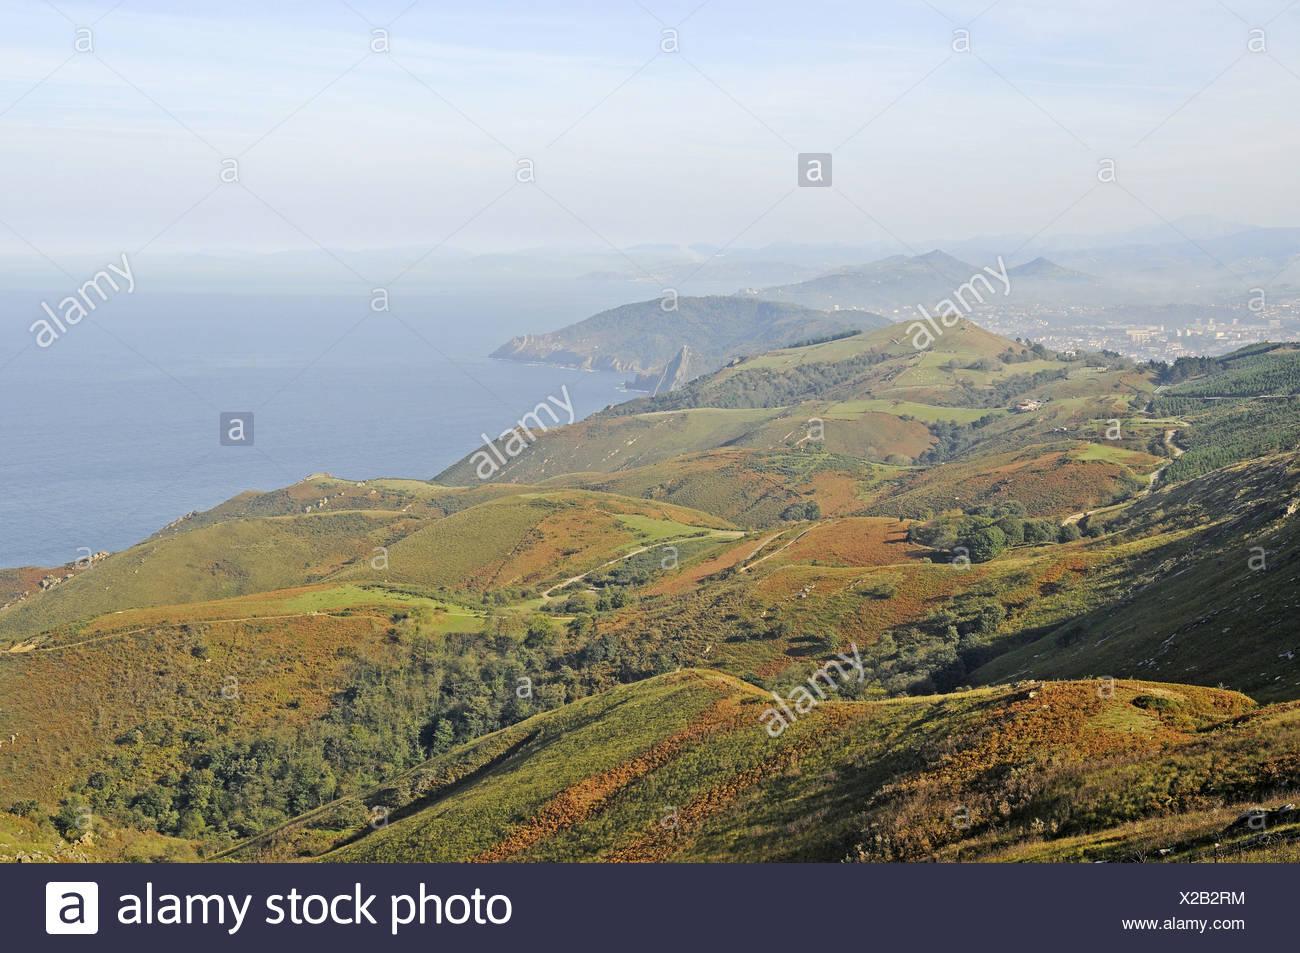 coastal landscape - Stock Image